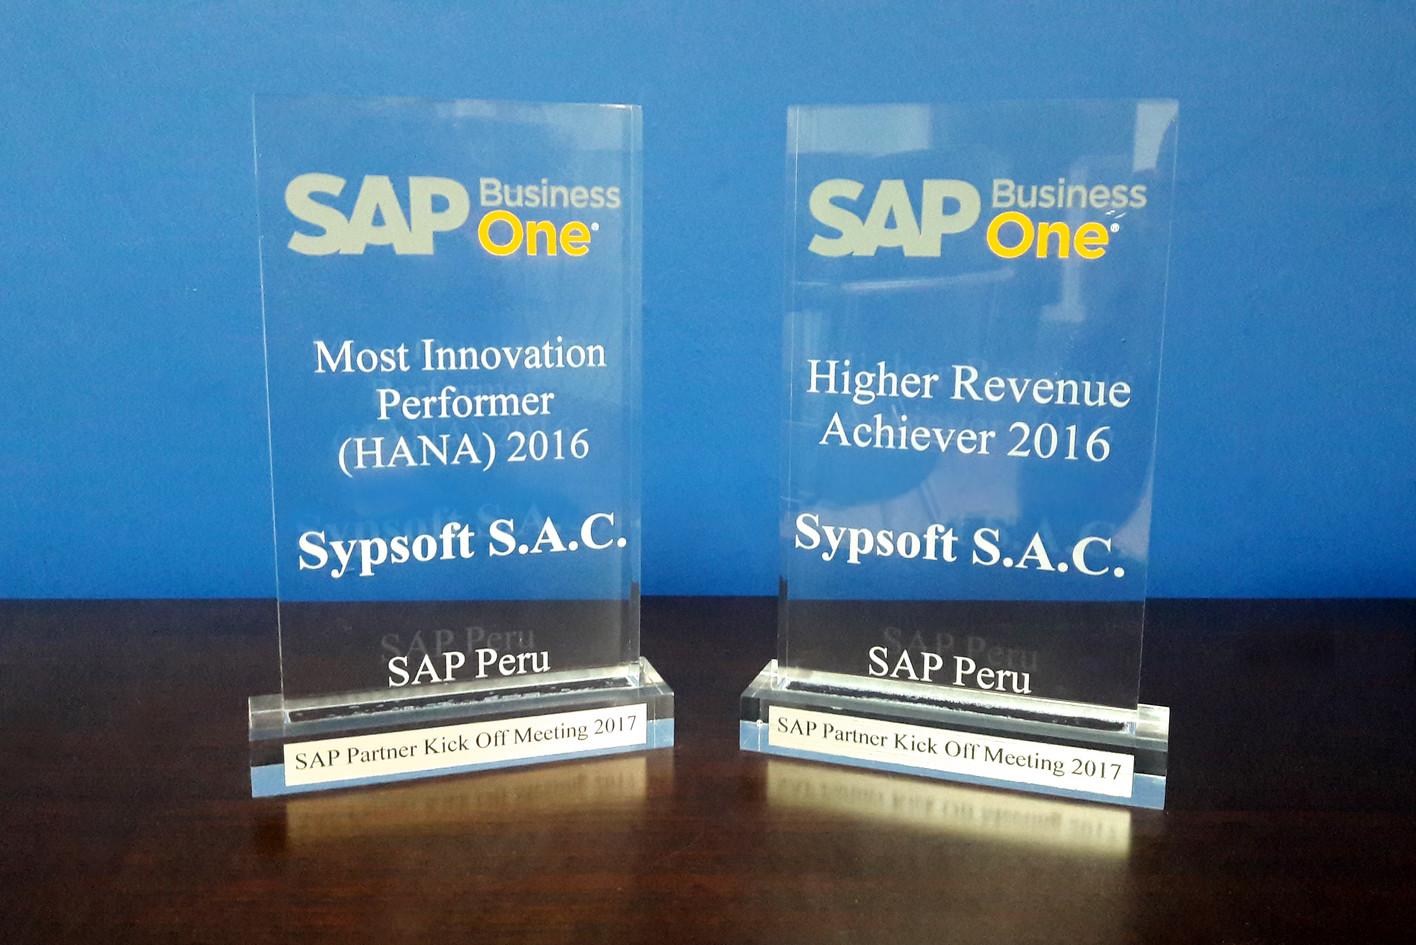 Most Innovation Performer HANA - Higher Revenue Achiever